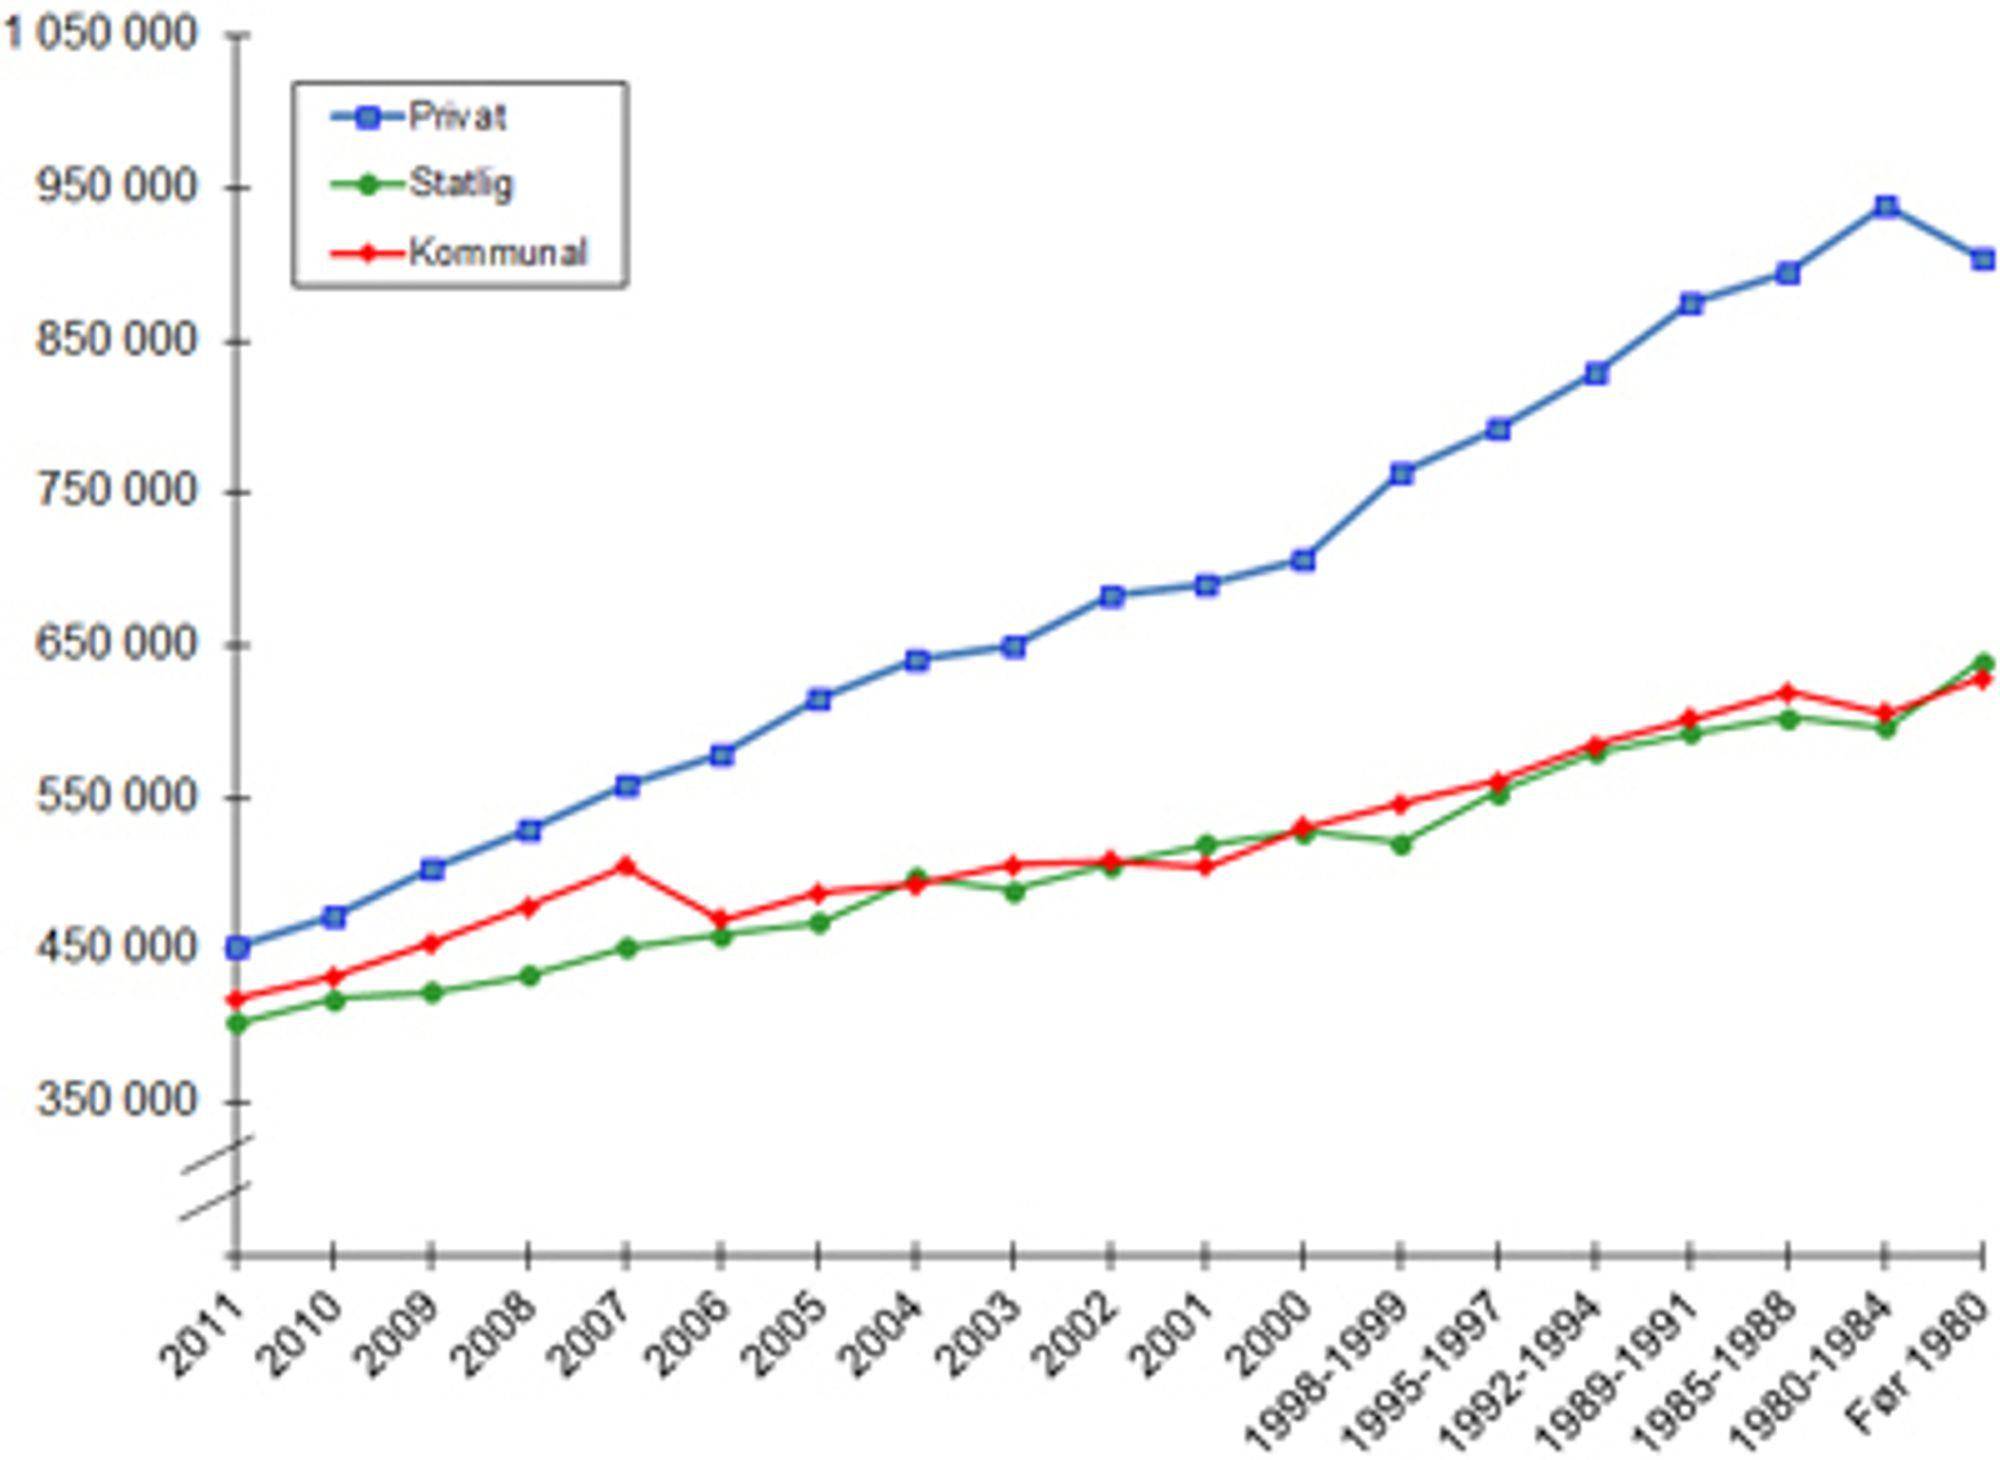 FORSKJELLER: Her ser man gjennomsnittlig årslønn for medlemmer av Tekna pr. 1. september 2011.